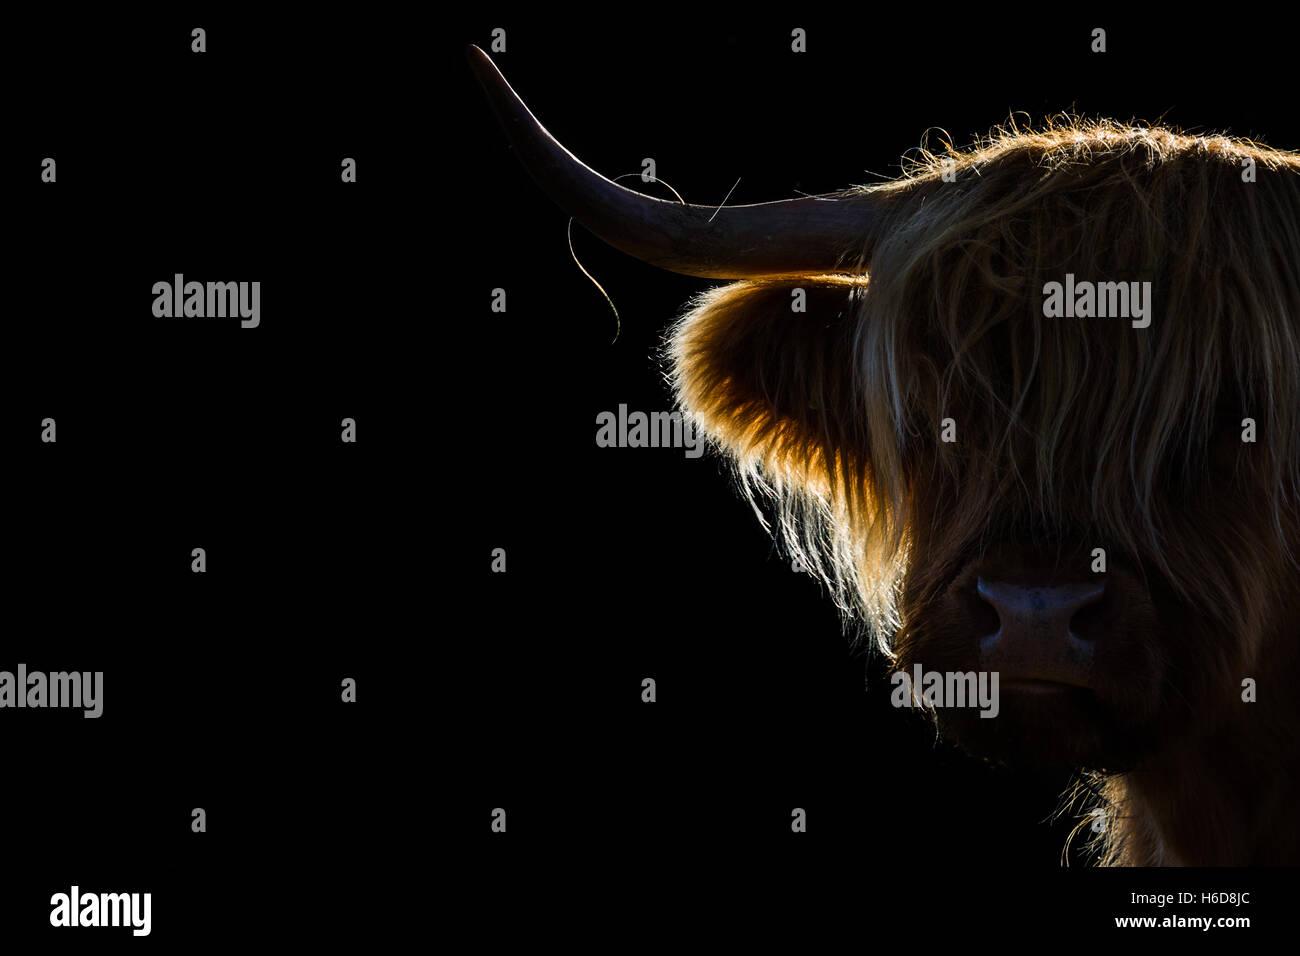 Hinterleuchtete Highland Kuh im morgendlichen Sonnenlicht. Stockbild